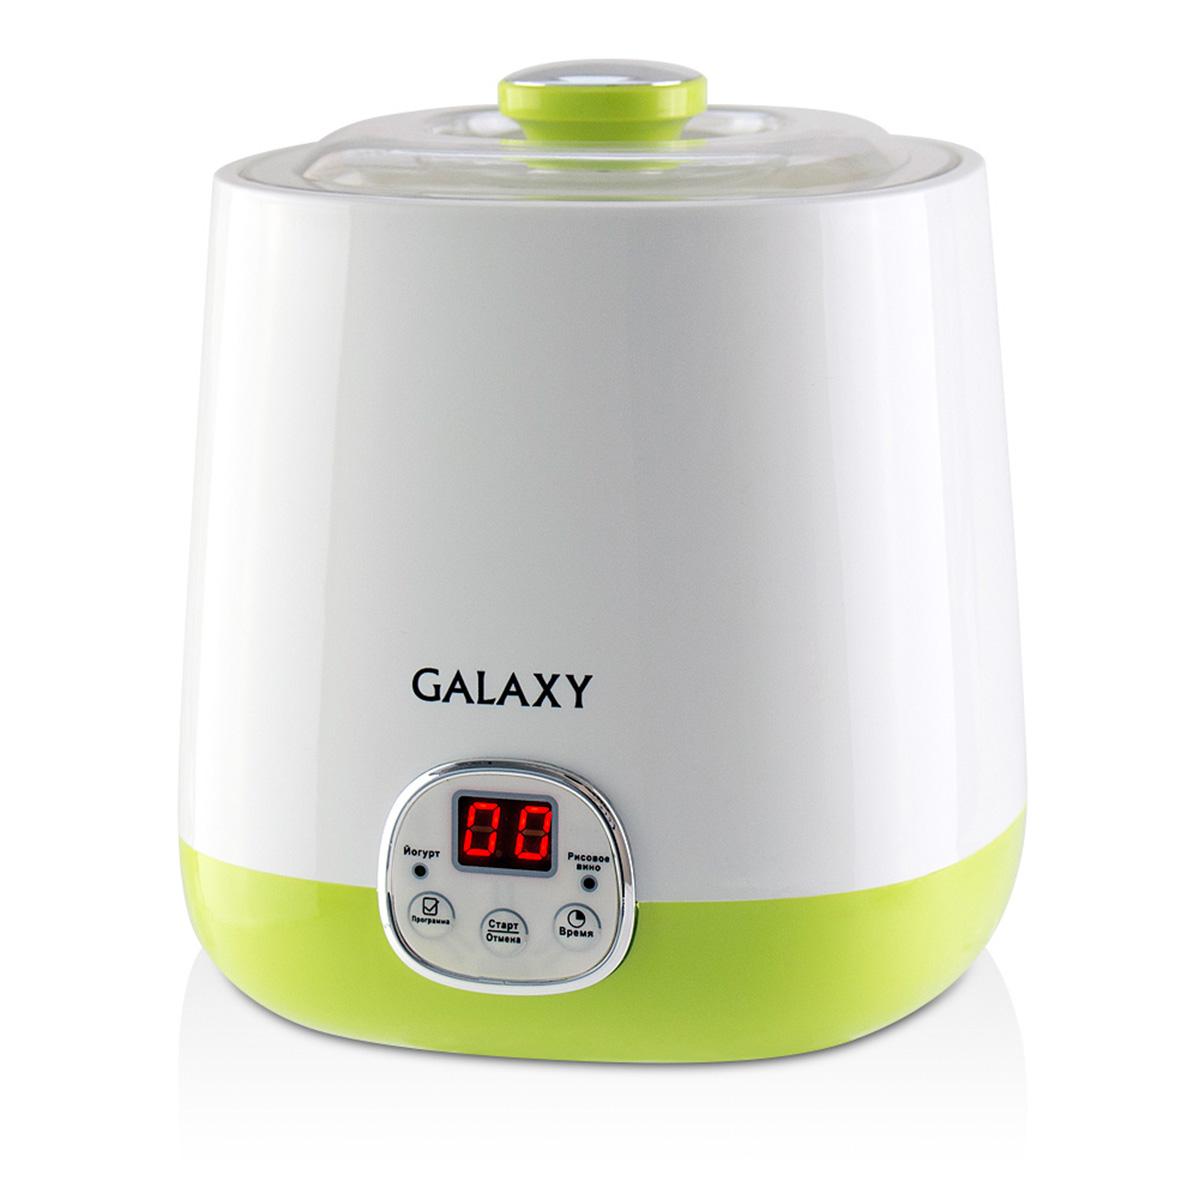 Galaxy GL 2692 йогуртница4630003365330Йогуртница Galaxy GL 2692 приговит для вас полезное лакомство, содержащее живую йогуртовую культуру без консервантов,ароматизаторов и красителей. Приготовление домашнего йогурта позволяет дать волю фантазии в выборе наполнителей и получить натуральный и полезный продукт для Вашей семьи!